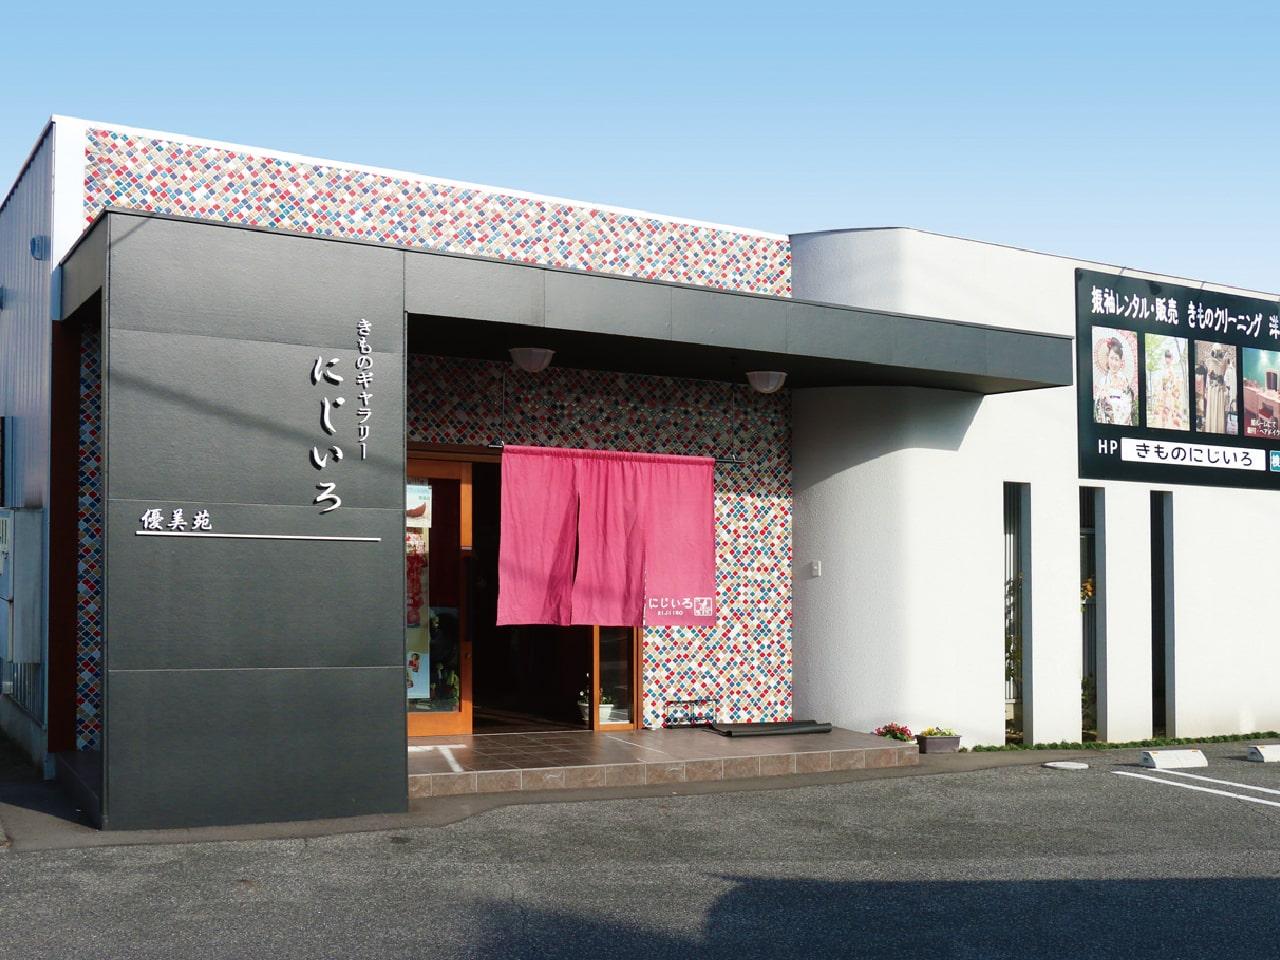 福山エリア「優美苑きものにじいろ(当店)」の店舗画像1